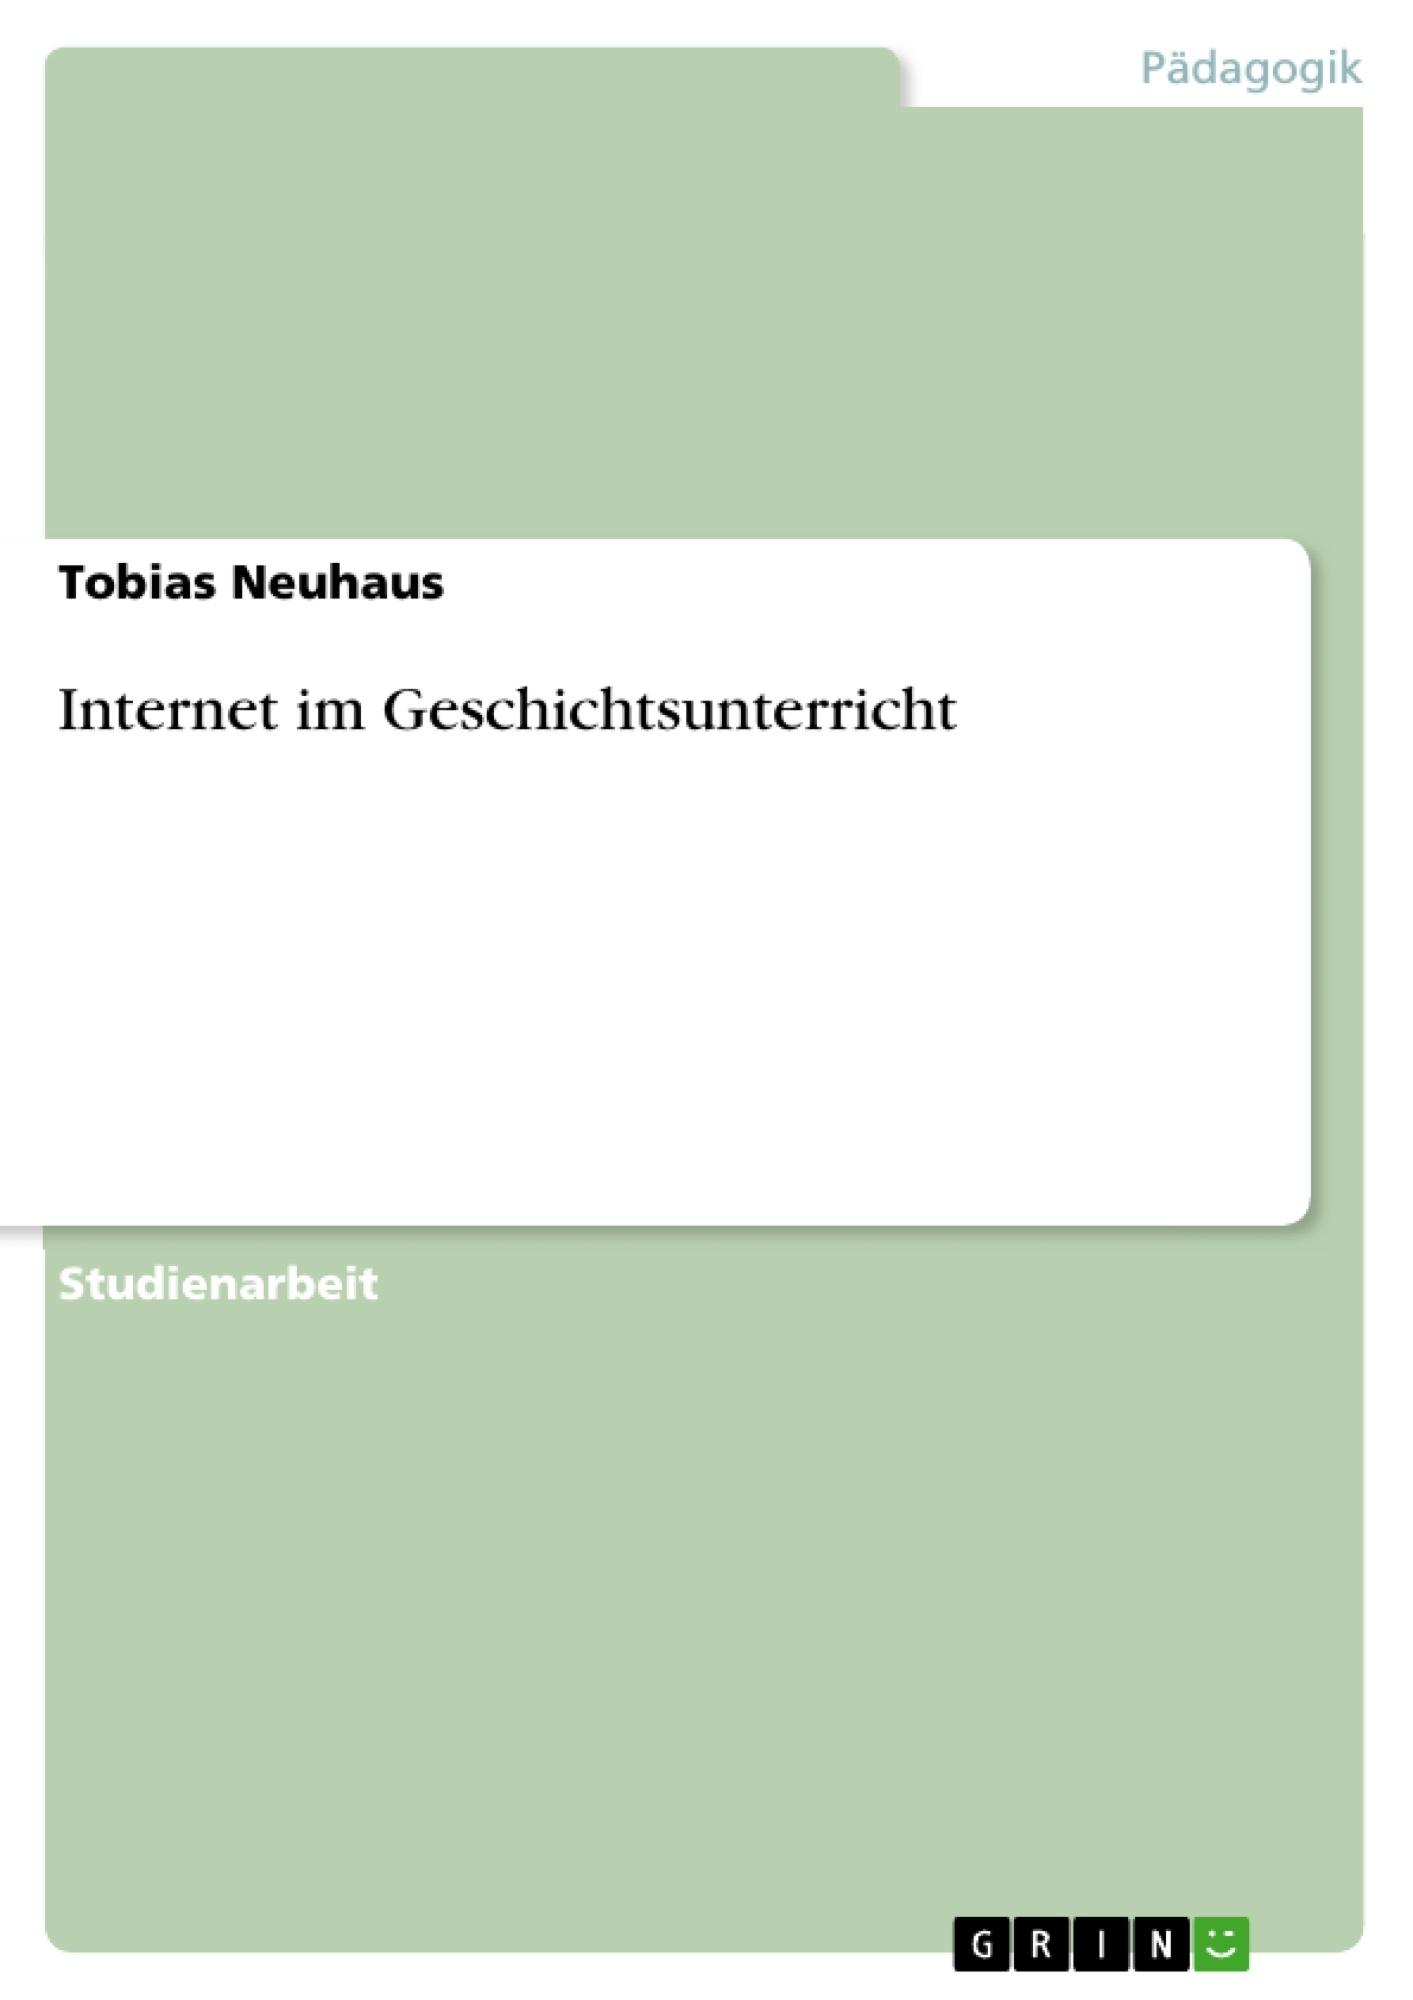 Titel: Internet im Geschichtsunterricht